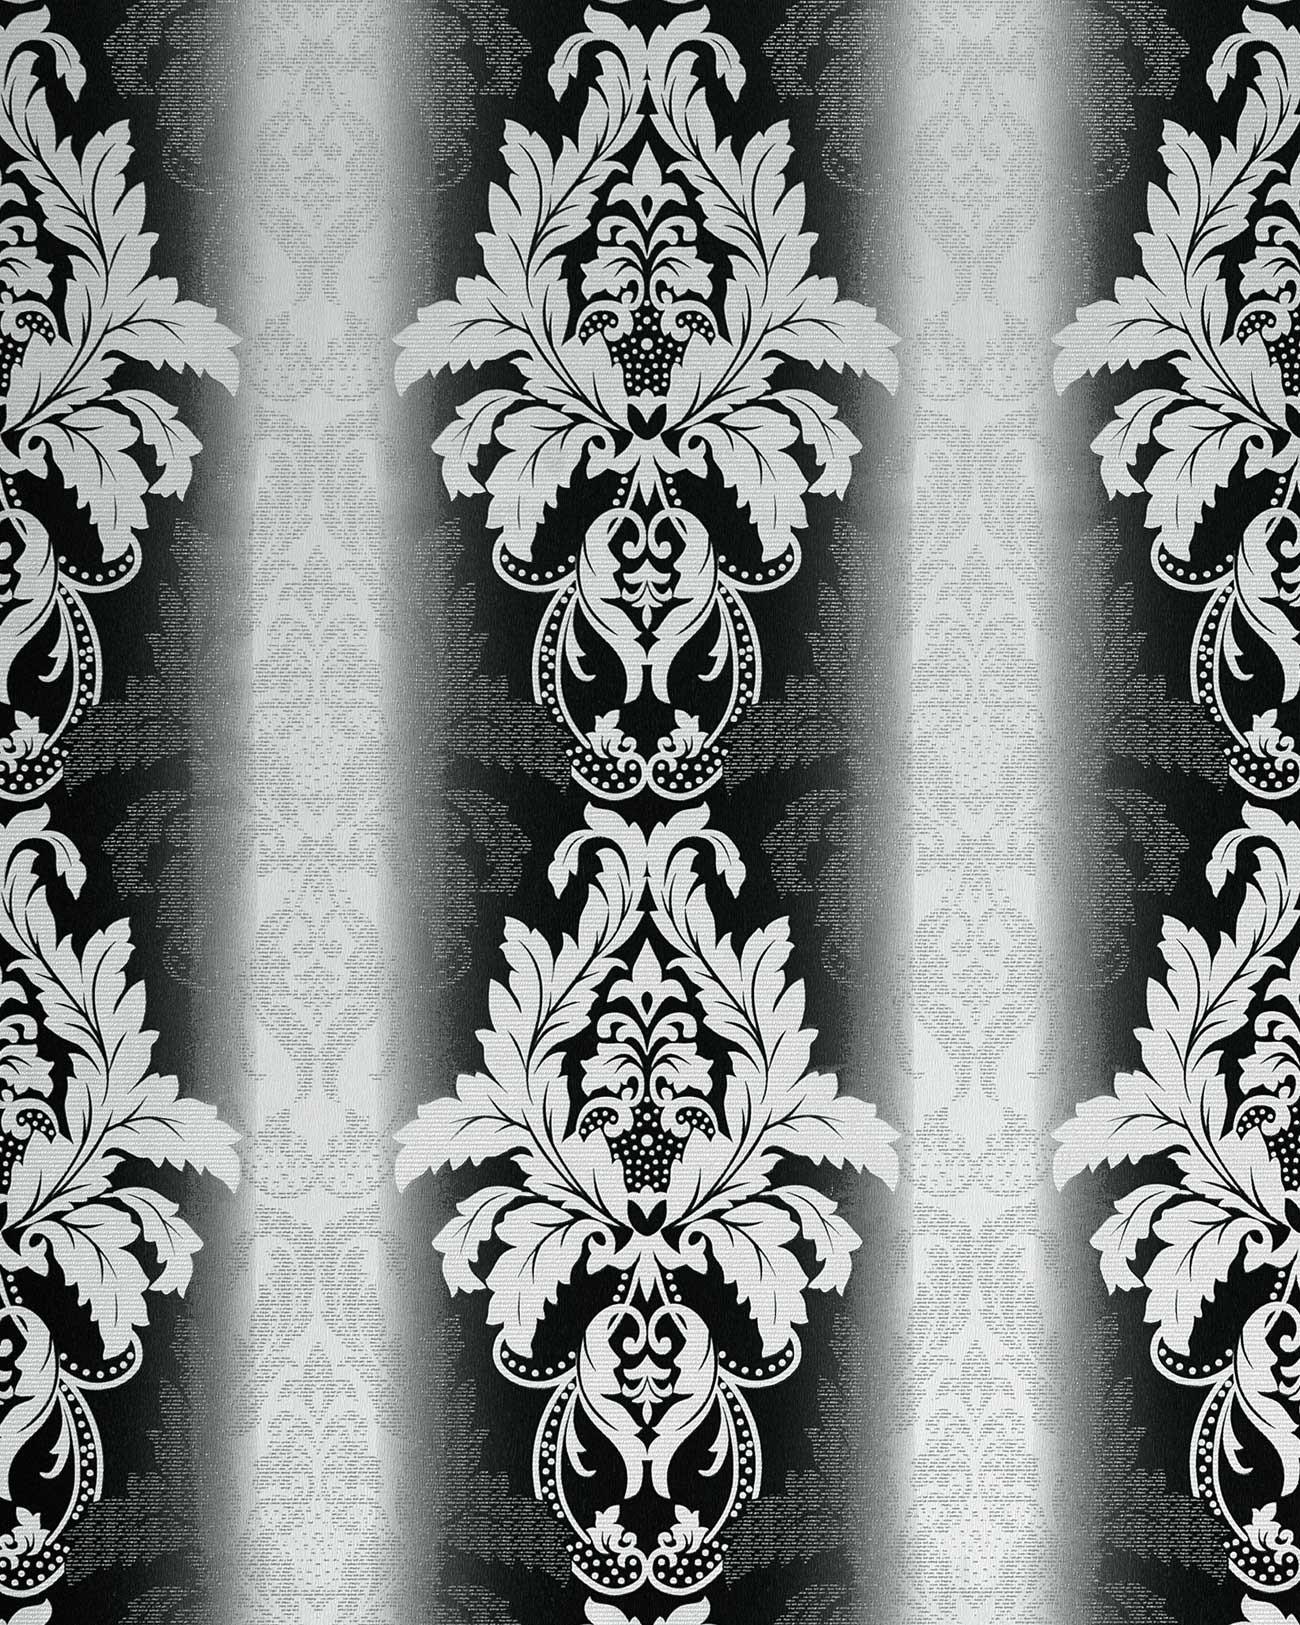 edem 770 30 barocktapete damask tapete 3d brokat struktur schwarz wei silber ebay. Black Bedroom Furniture Sets. Home Design Ideas